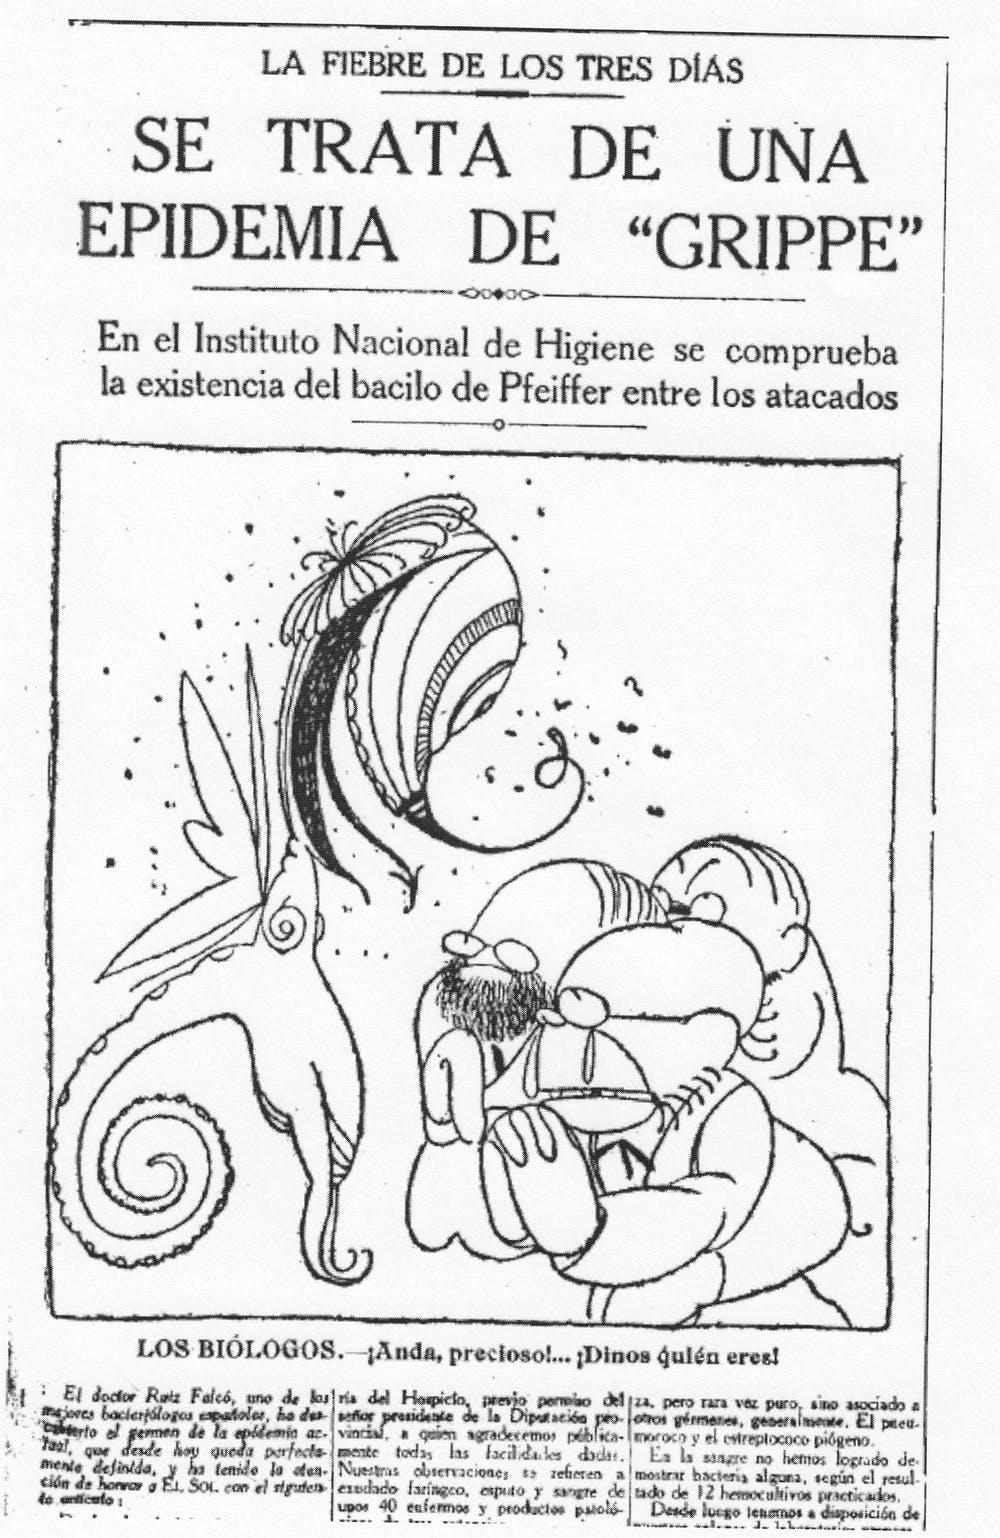 Vileta de Lluís Bagaría publicada en el diario El Sol el 7 de junio de 1918. Wikimedia Commons / El Sol